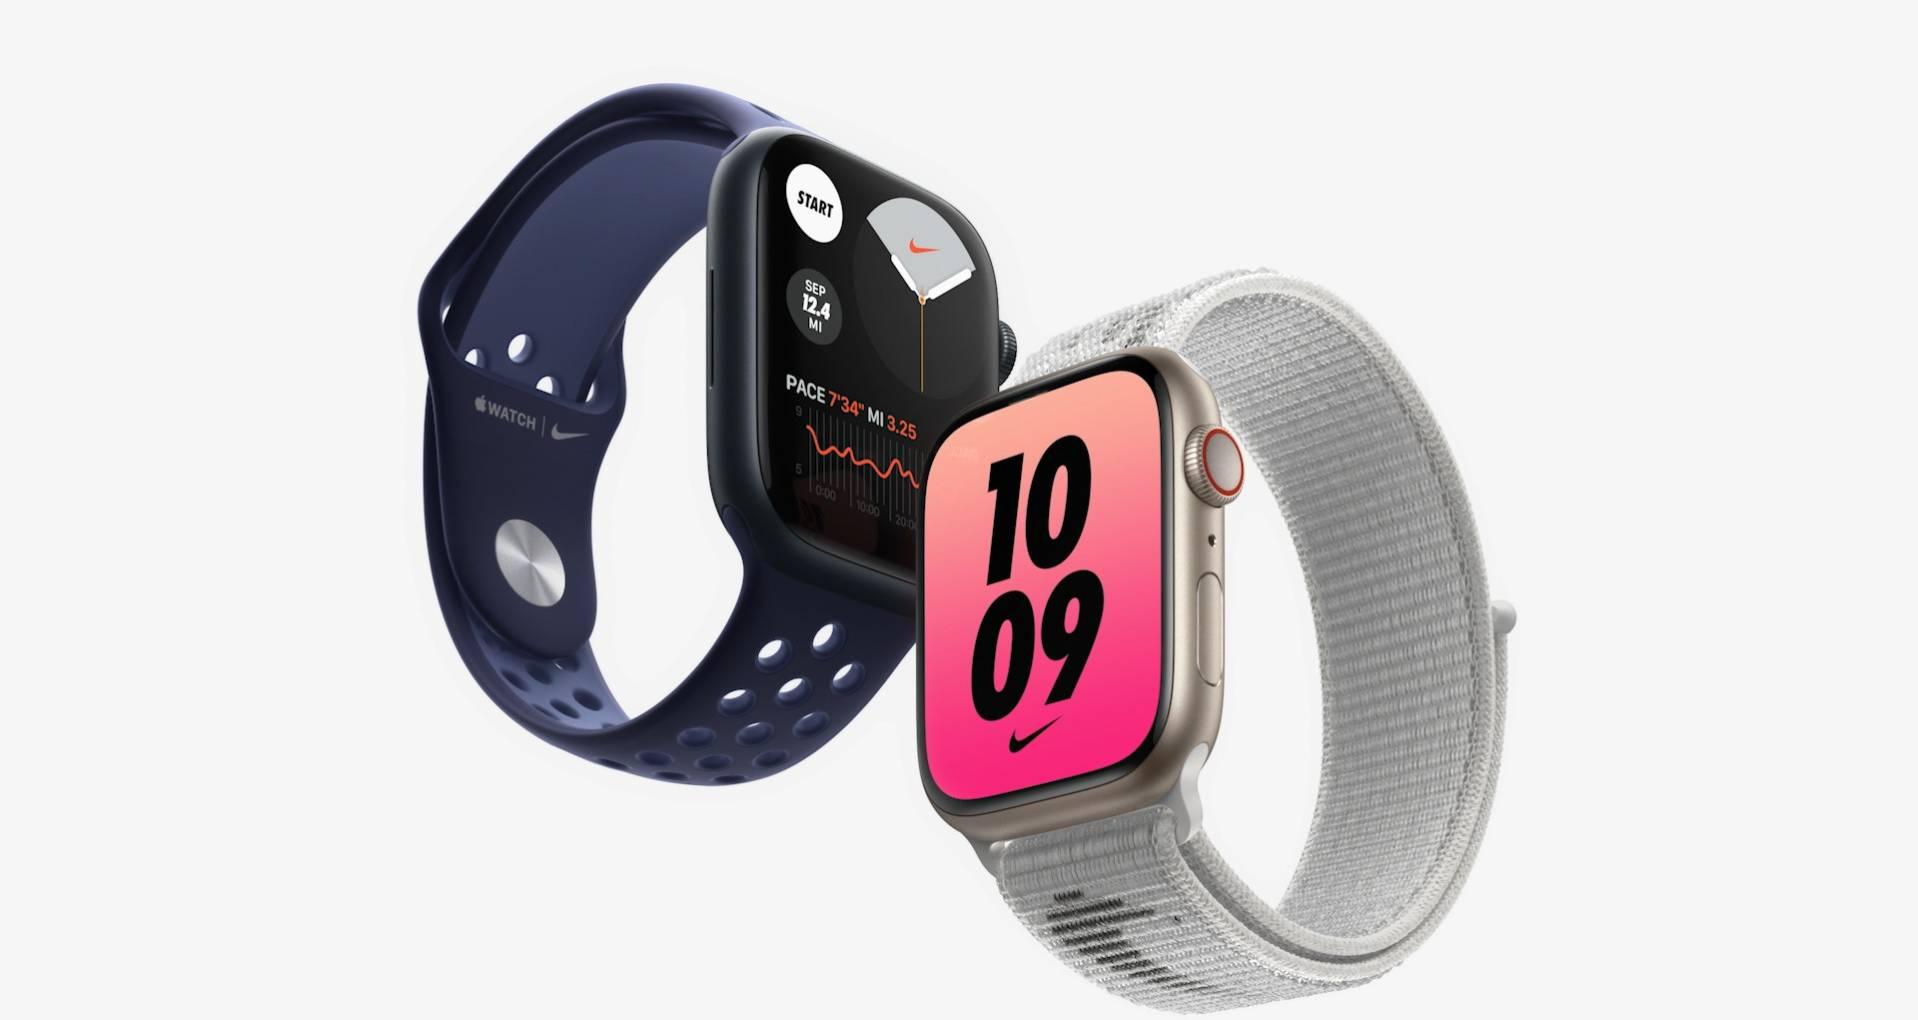 Dois Apple Watch 7 nas cores azul e branca, com o azul exibindo um medidor de batimento cardíaco funcionando na tela